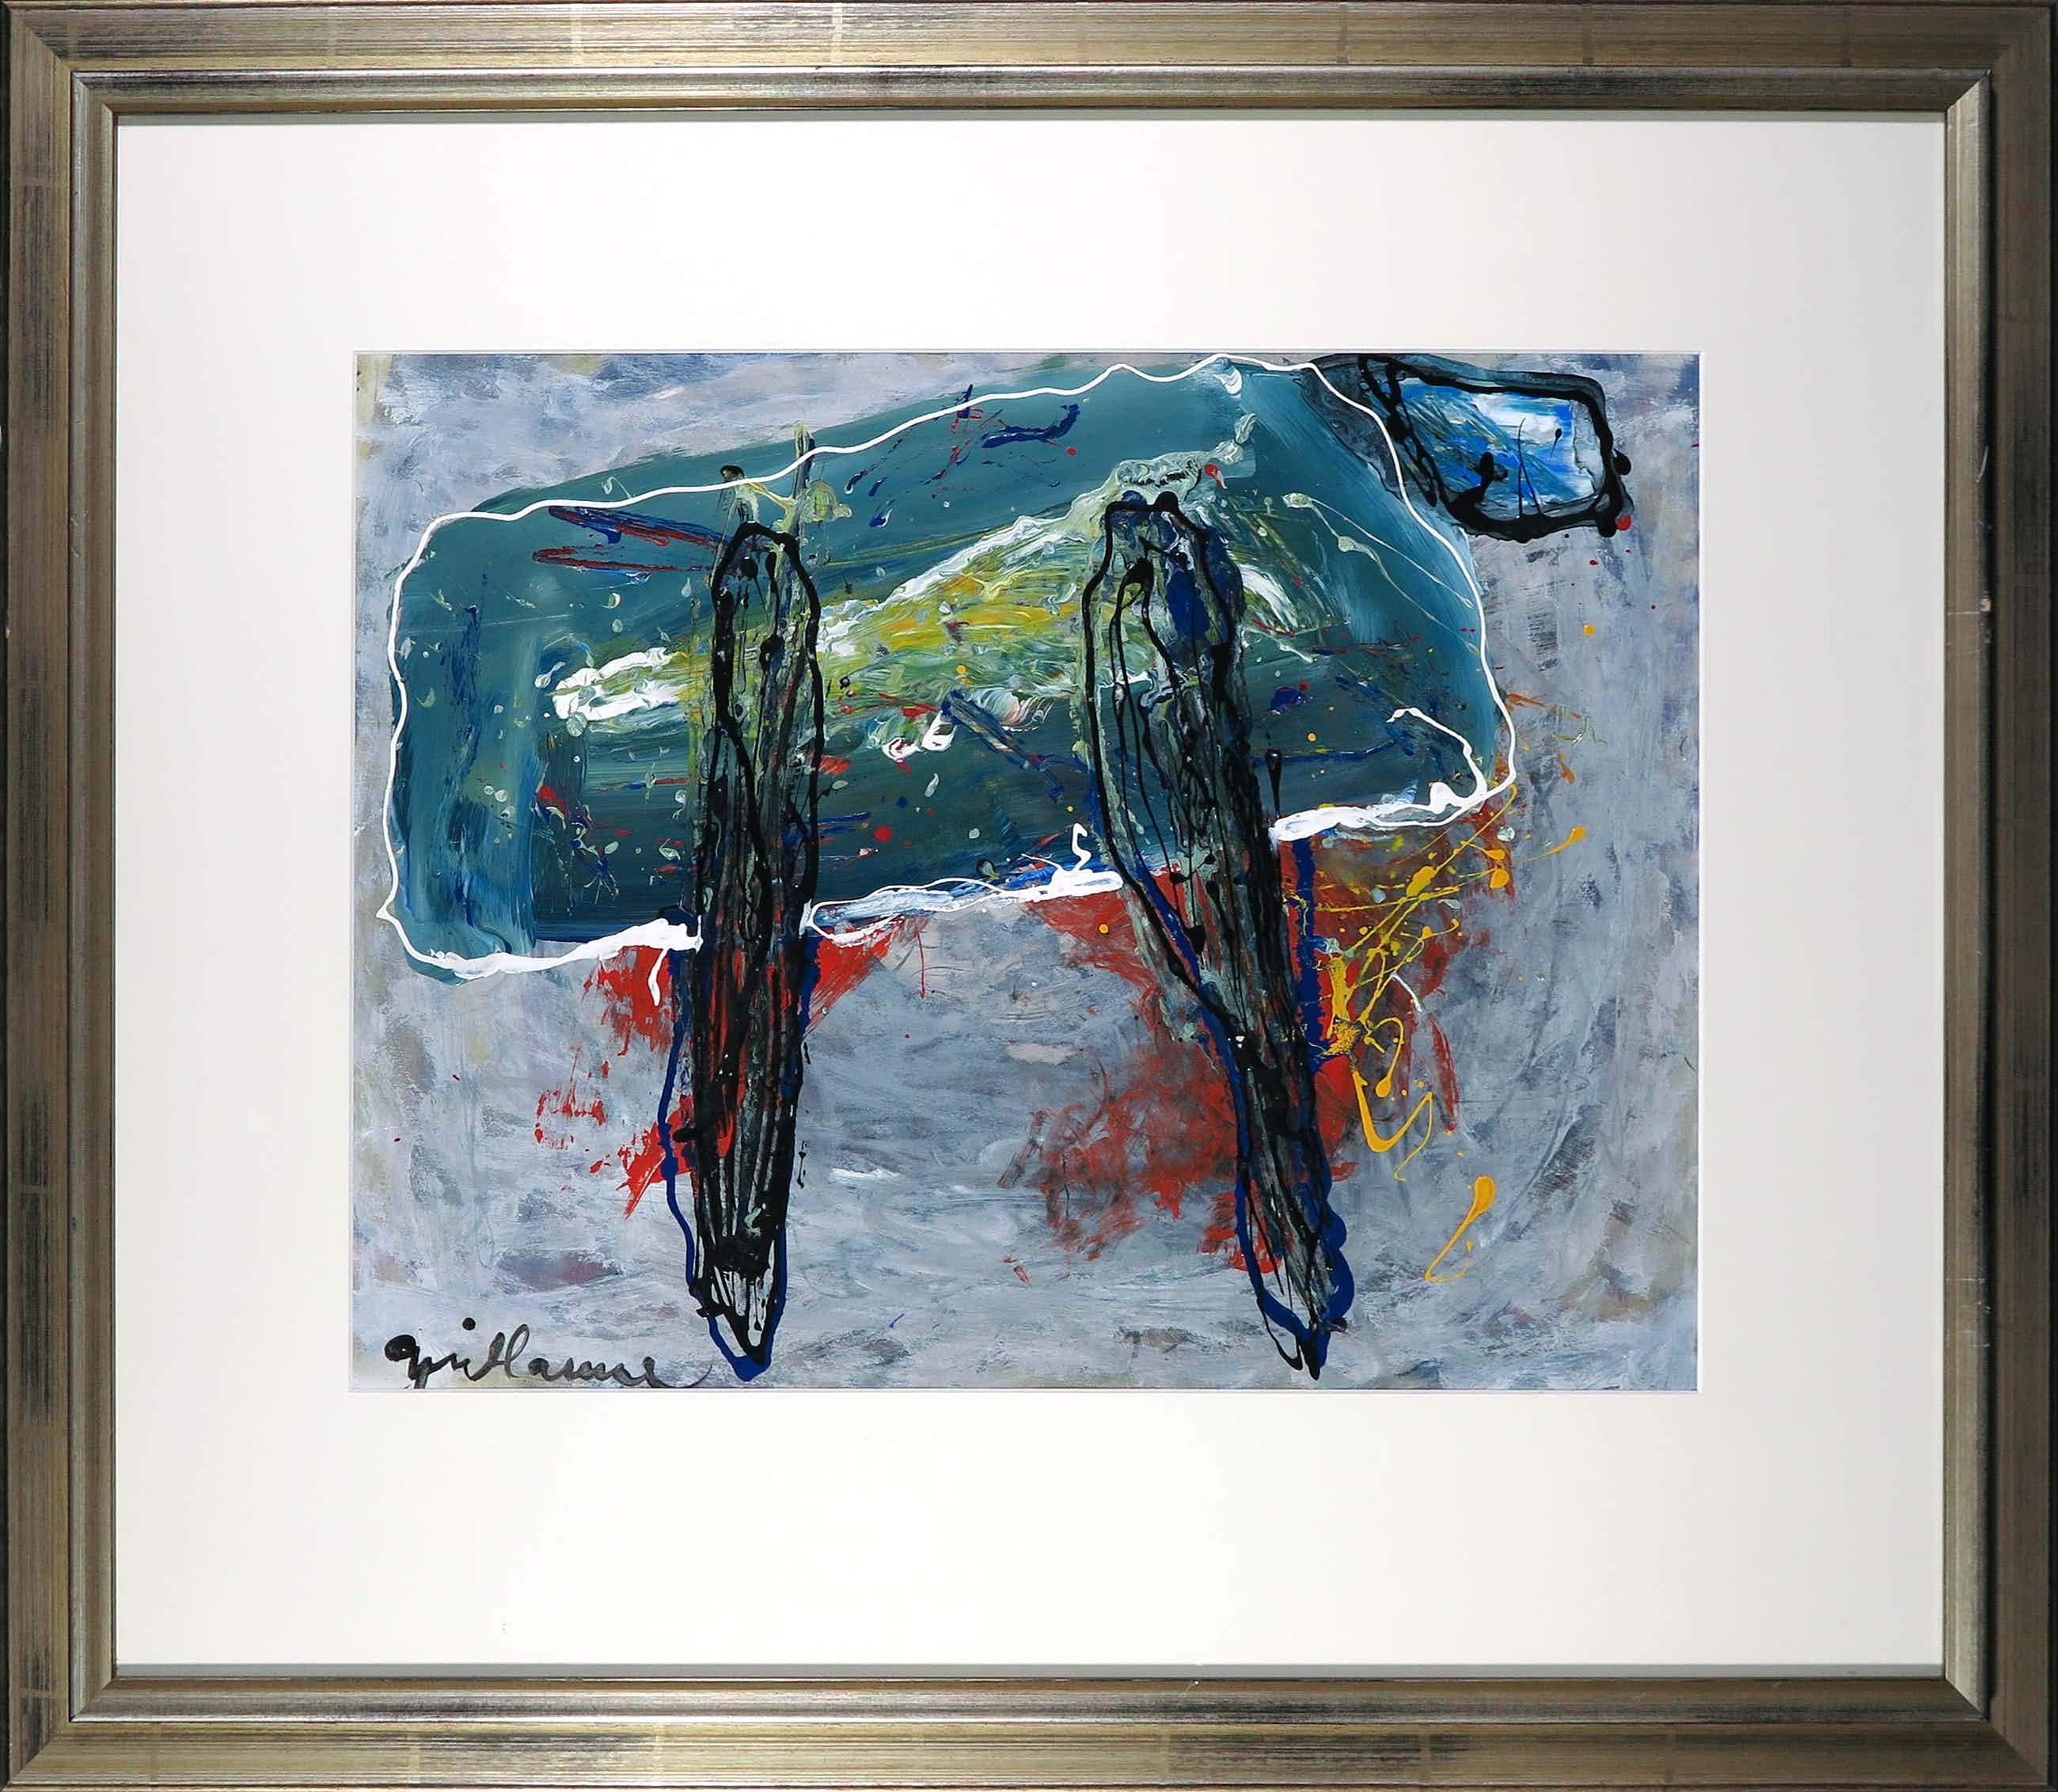 Guillaume Lo-A-Njoe - Olieverf op papier, Abstracte compositie - Ingelijst kopen? Bied vanaf 150!